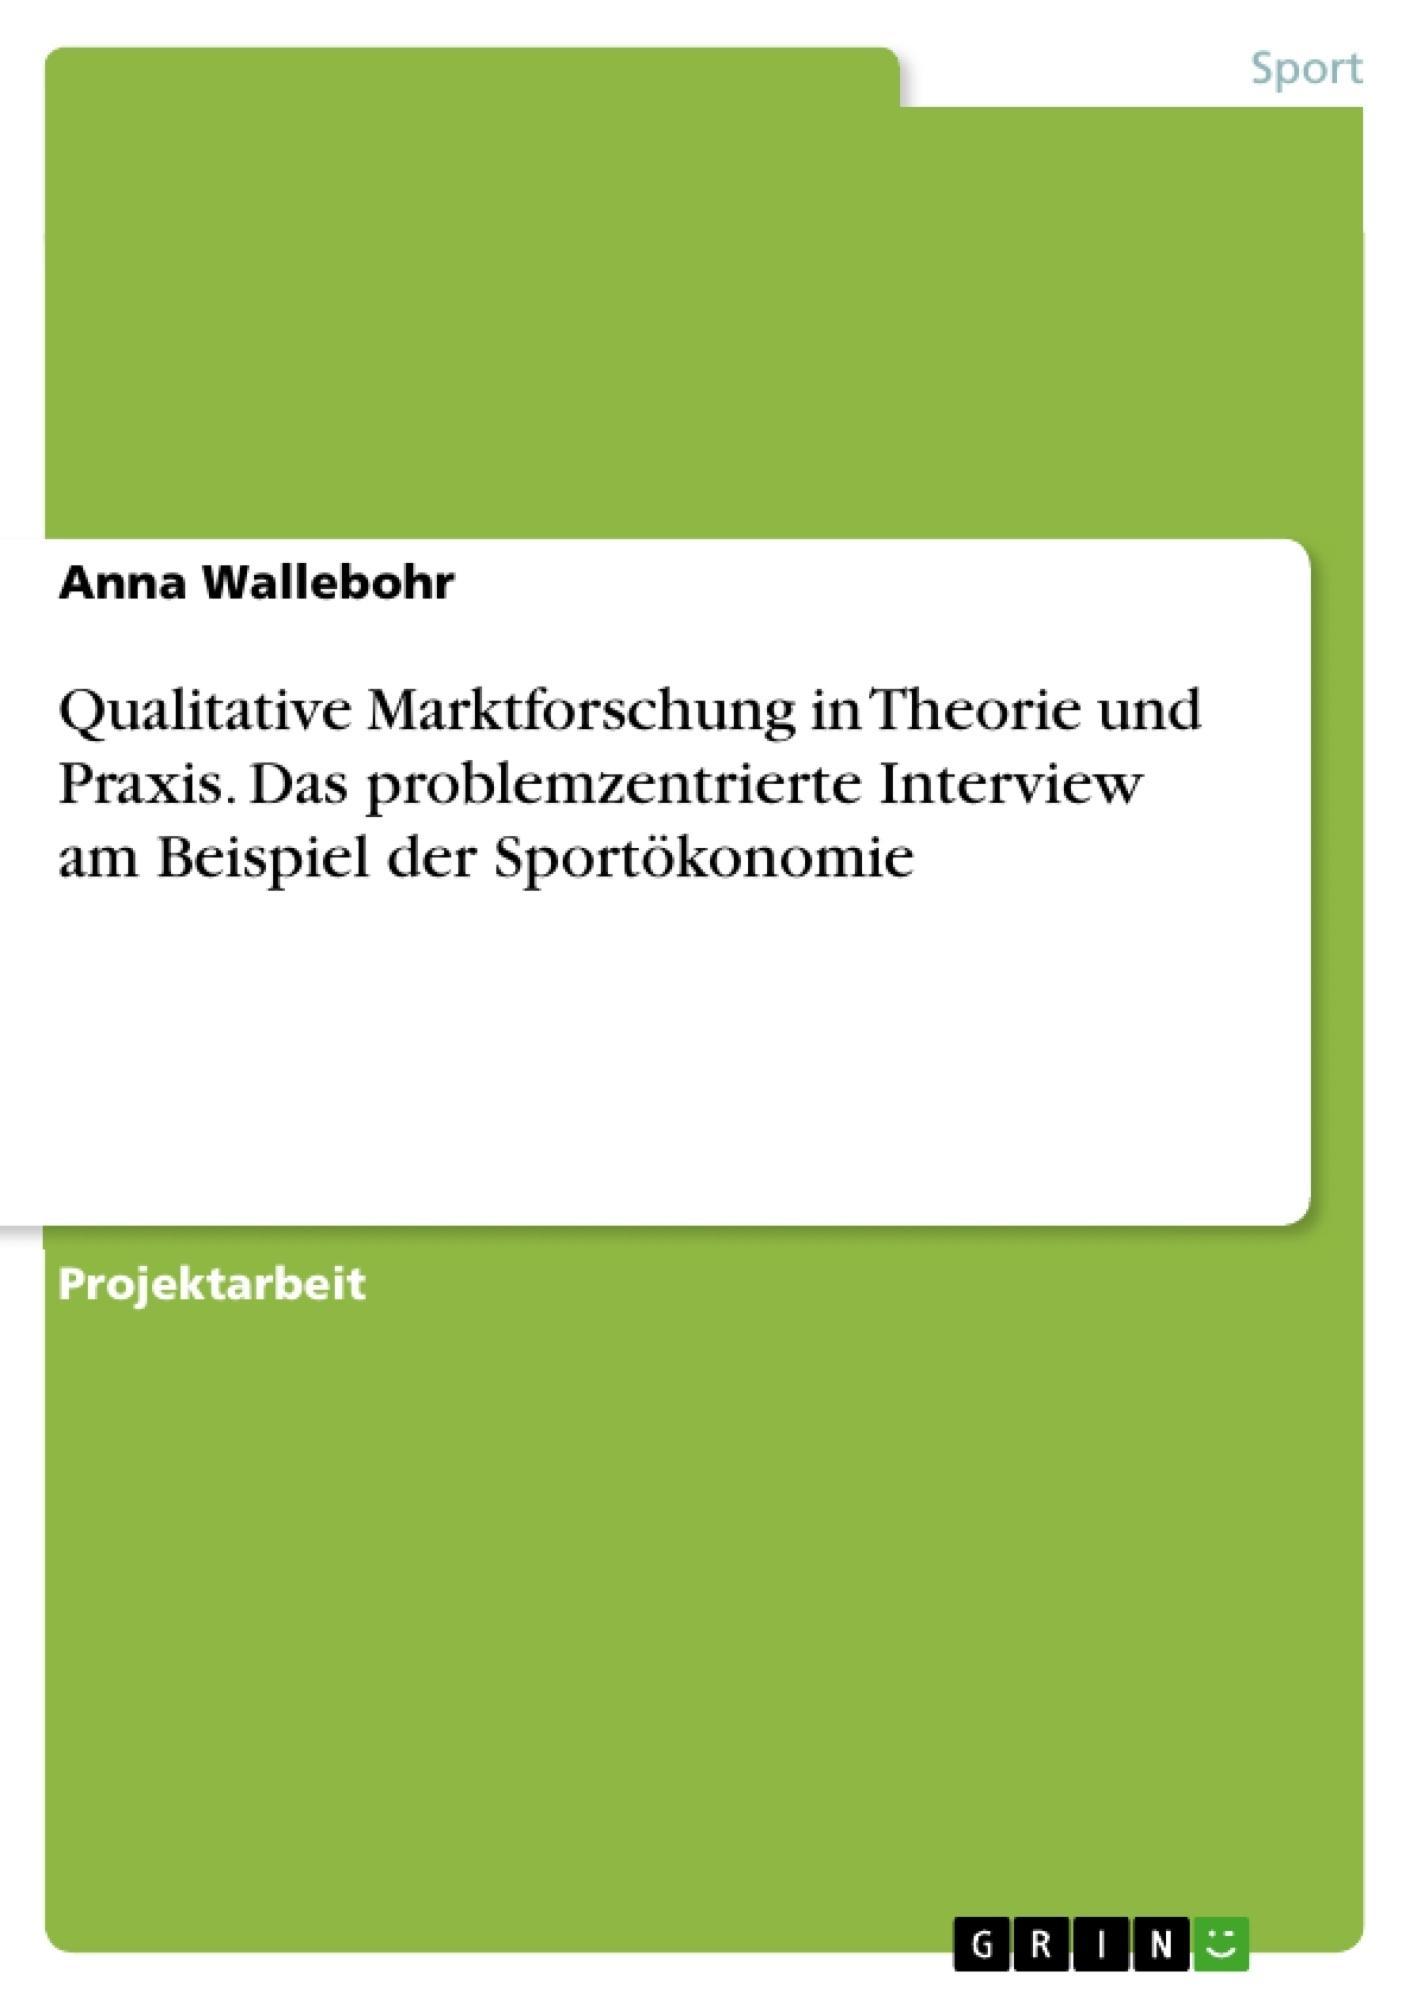 Titel: Qualitative Marktforschung in Theorie und Praxis. Das problemzentrierte Interview am Beispiel der Sportökonomie